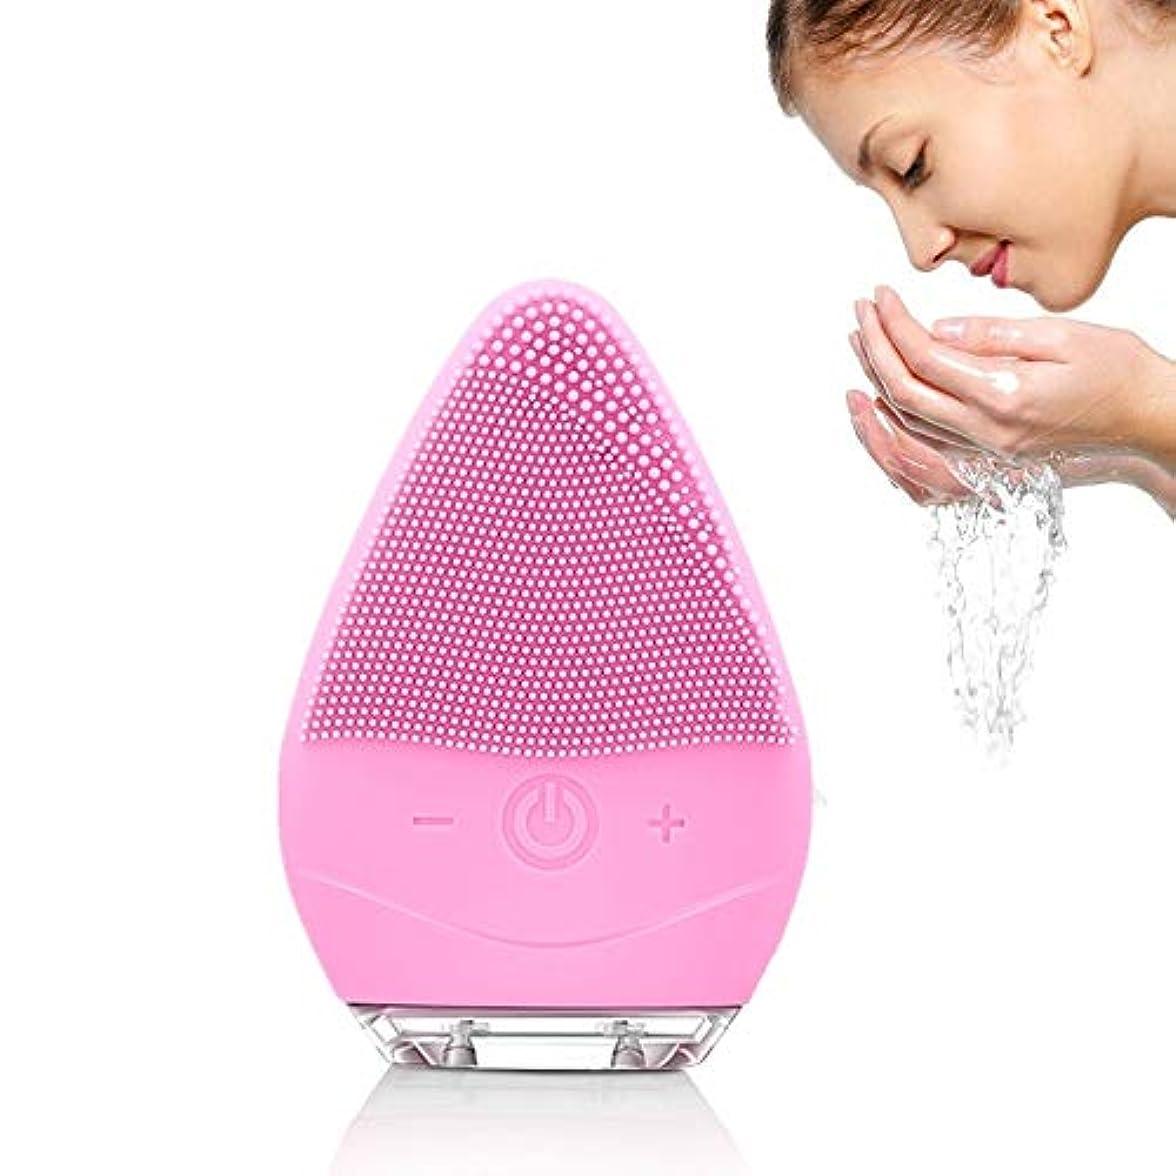 ペナルティ困難同時フェイスクレンジングブラシ防水シリコンフェイシャルブラシエレクトリックフェイスVībratingマッサージャーデバイスfor Skin Clean for Level 6防水